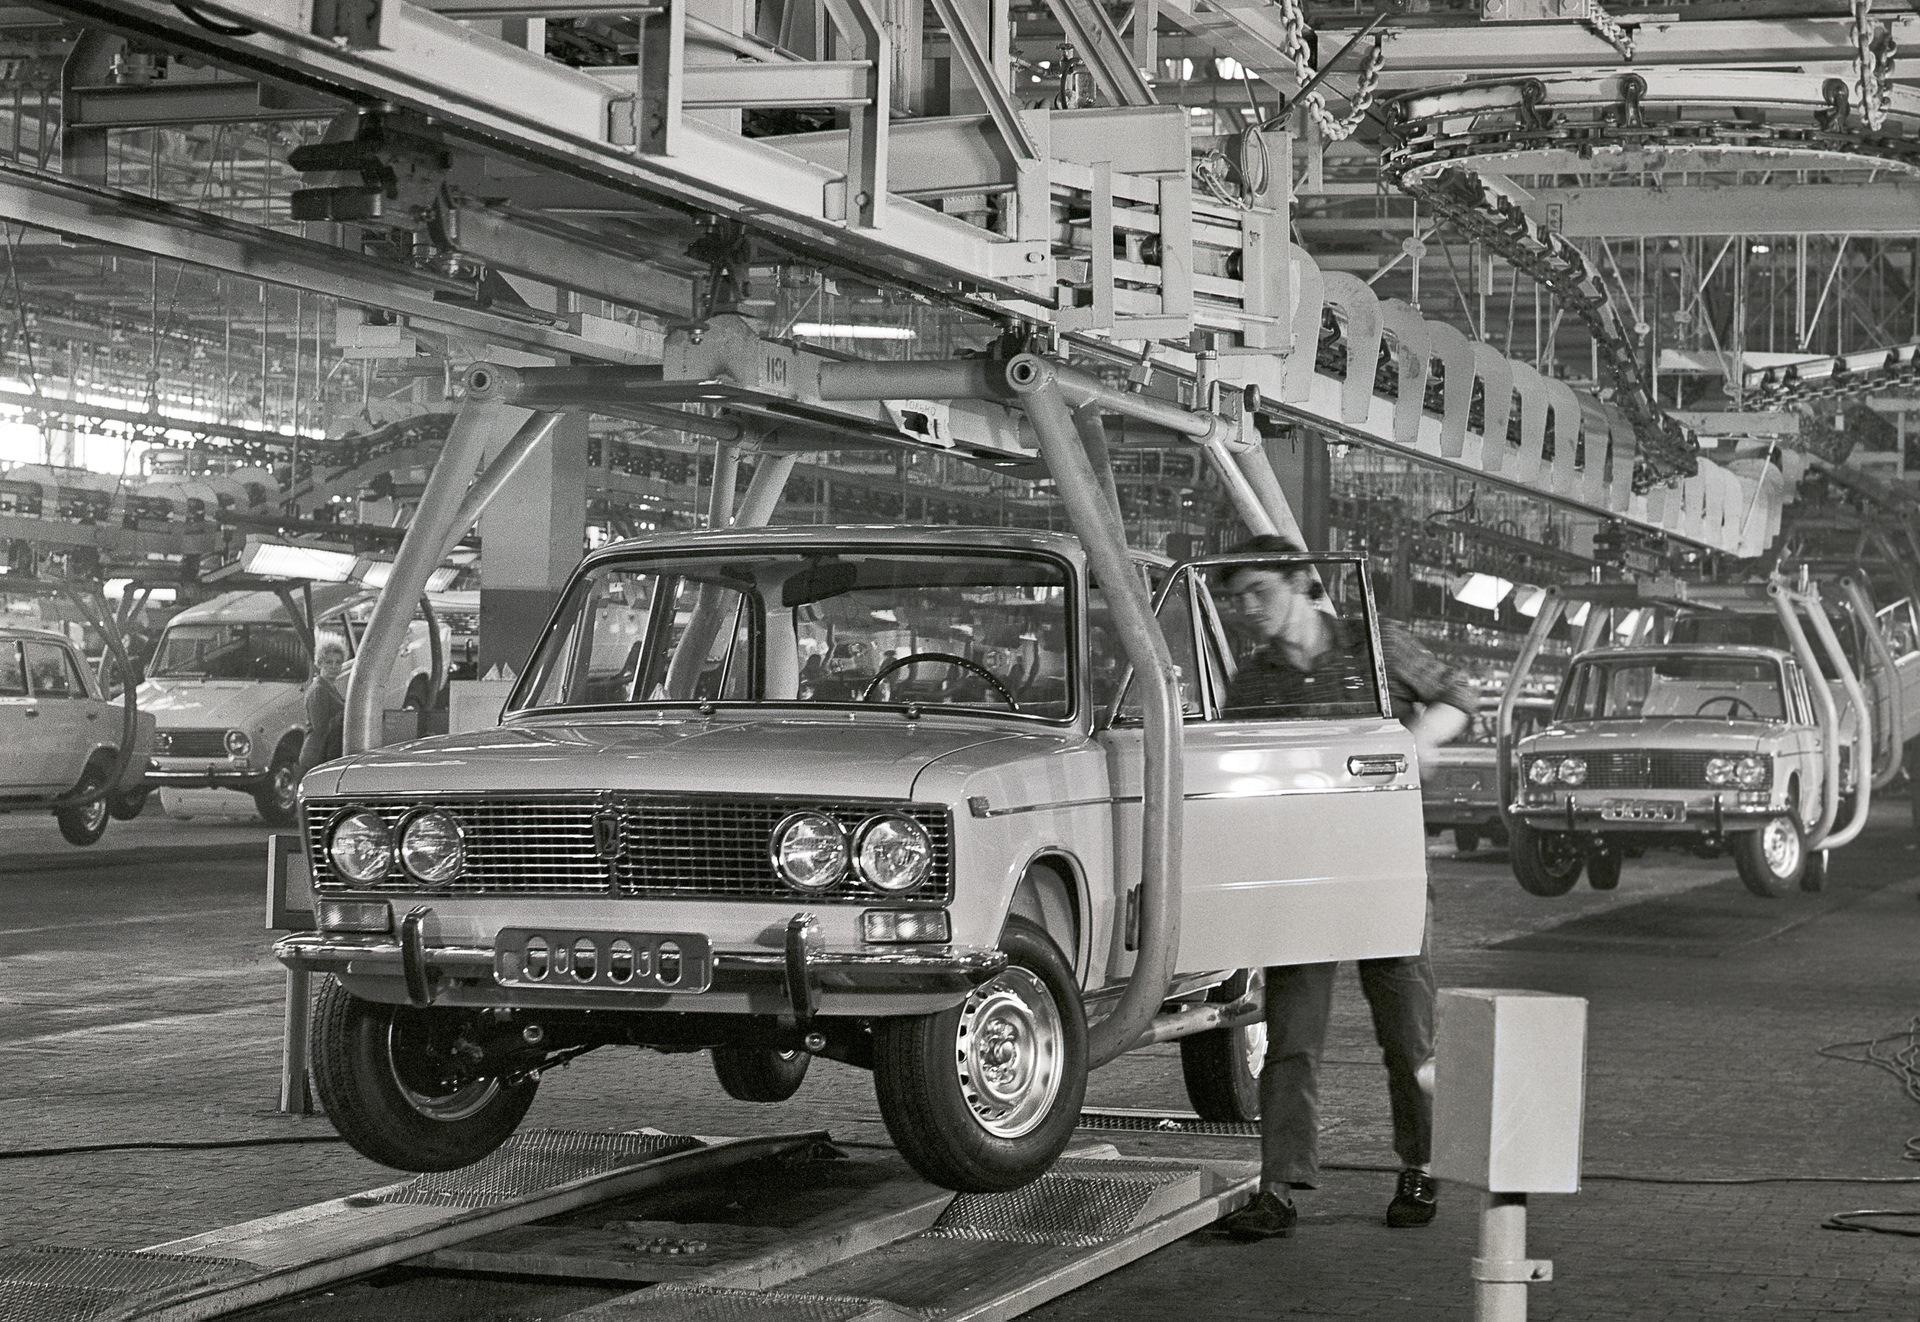 Сколько автозаводов было в СССР и сколько их осталось в России?